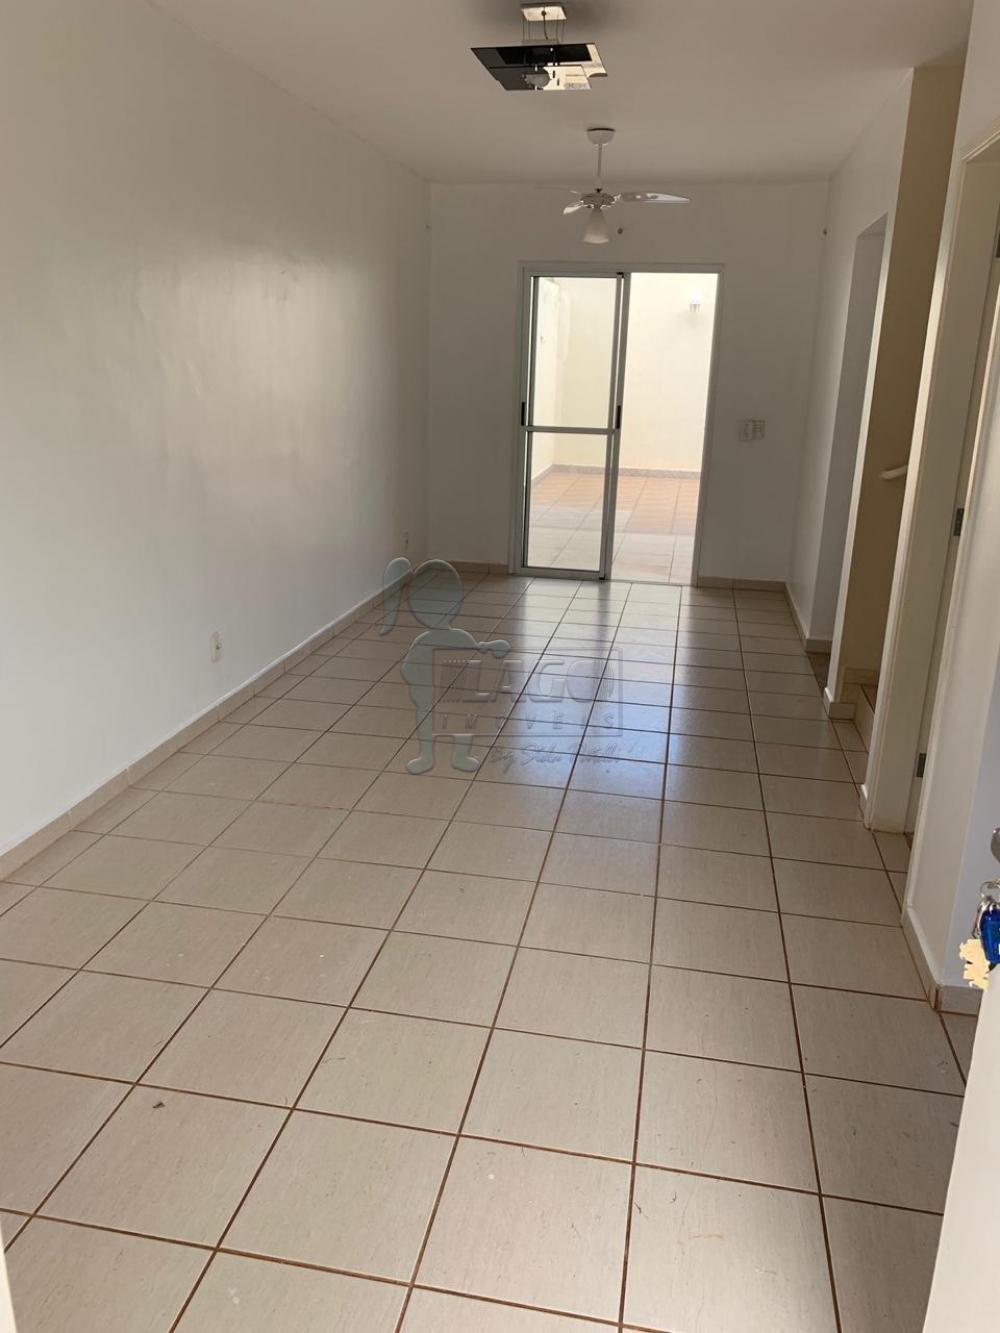 Comprar Casas / Condomínio em Ribeirão Preto apenas R$ 460.000,00 - Foto 2